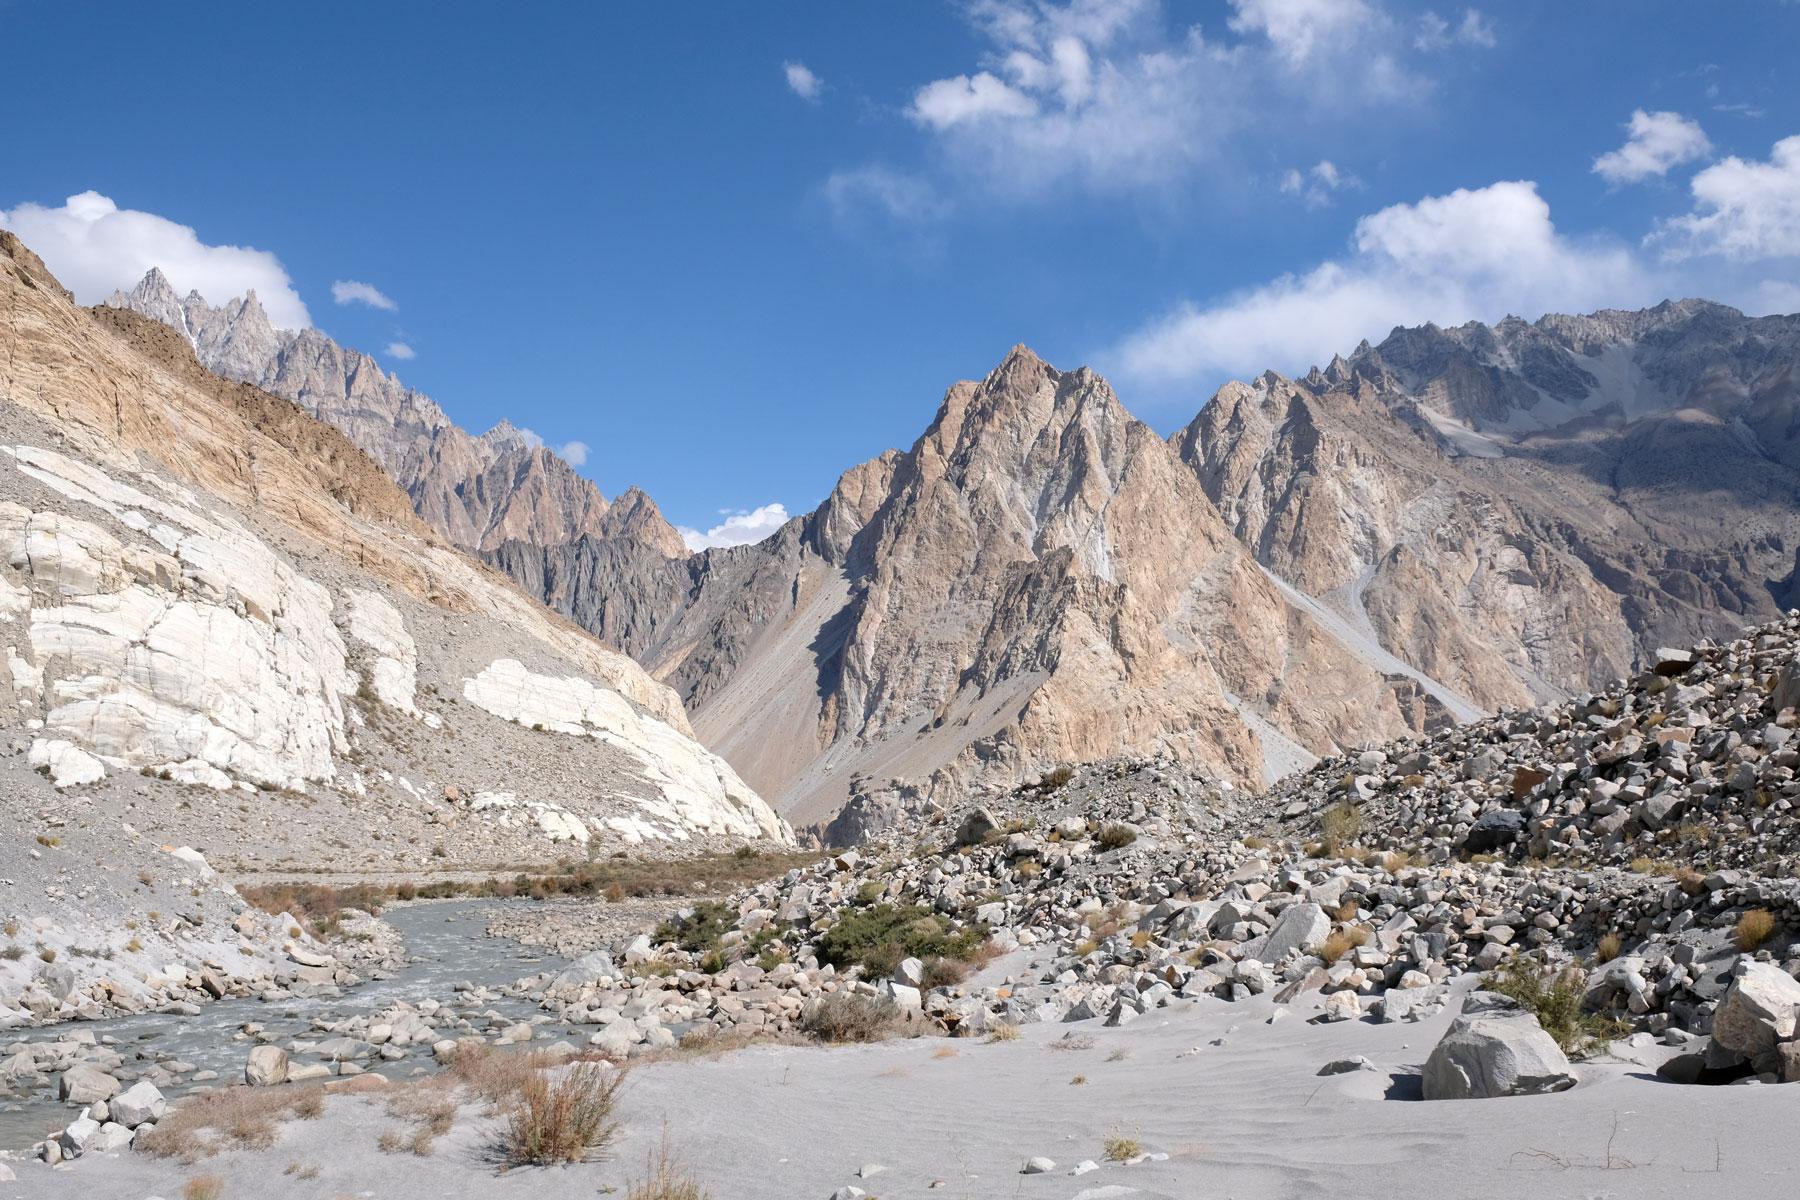 Ein Fluss und hohe Berge im Karakorum Gebirge in Pakistan.